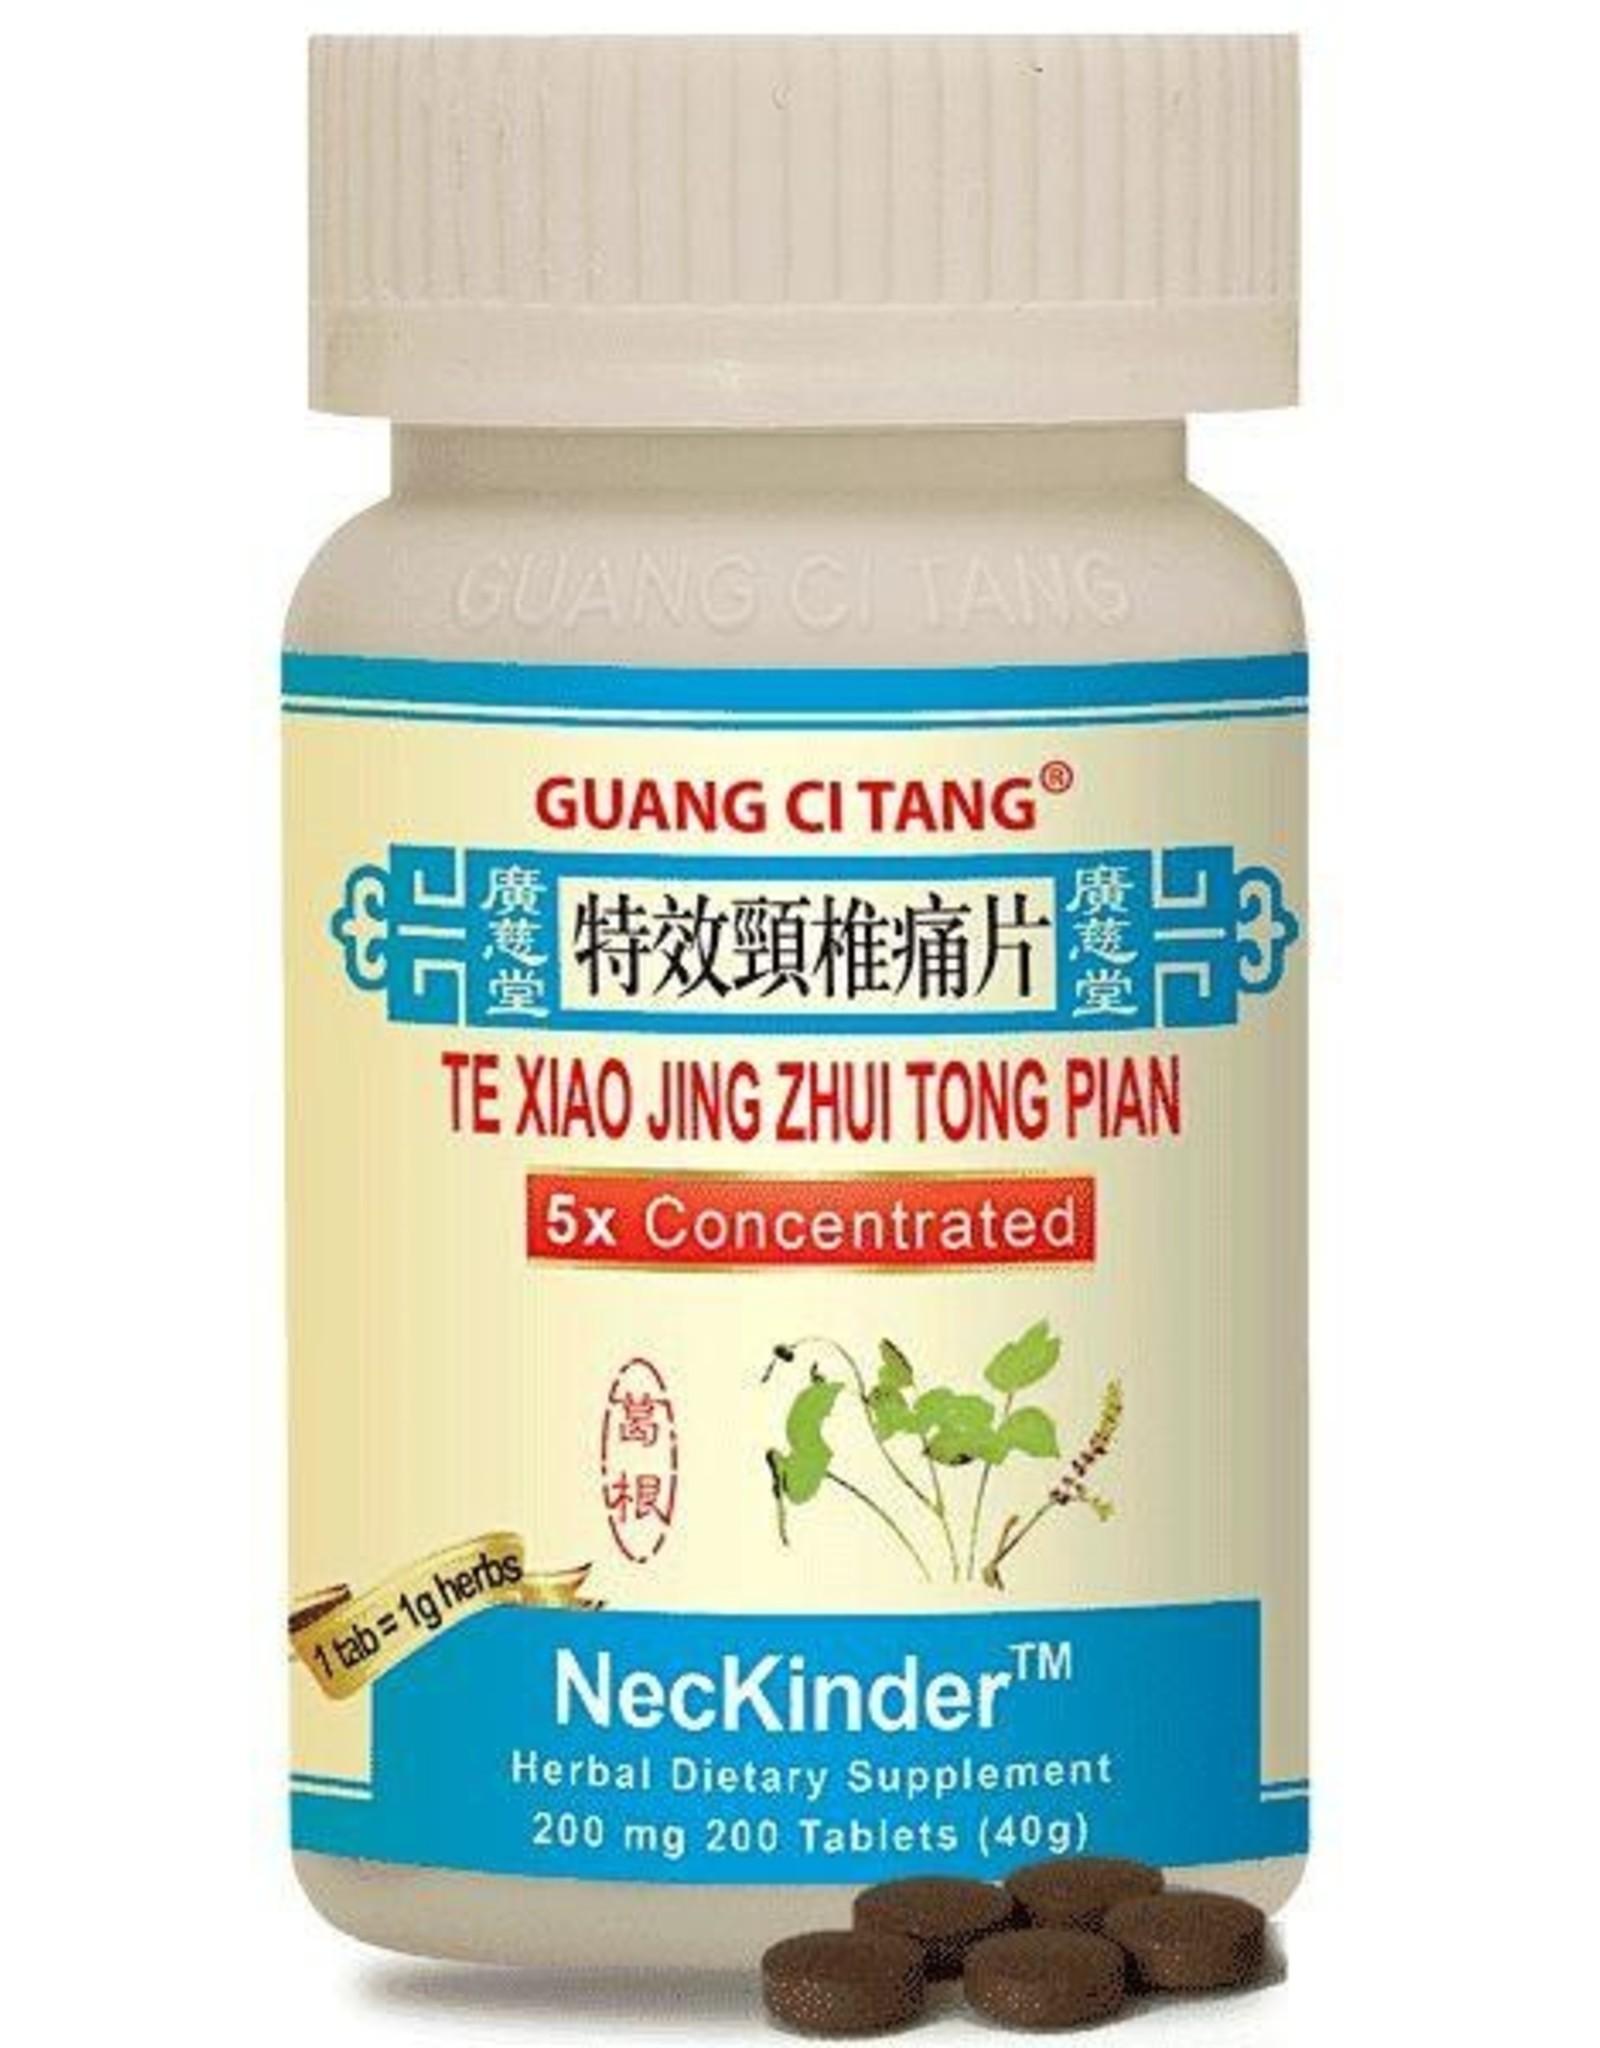 ActiveHerb NecKinder (Te Xiao Jing Zhui Tong Pian )